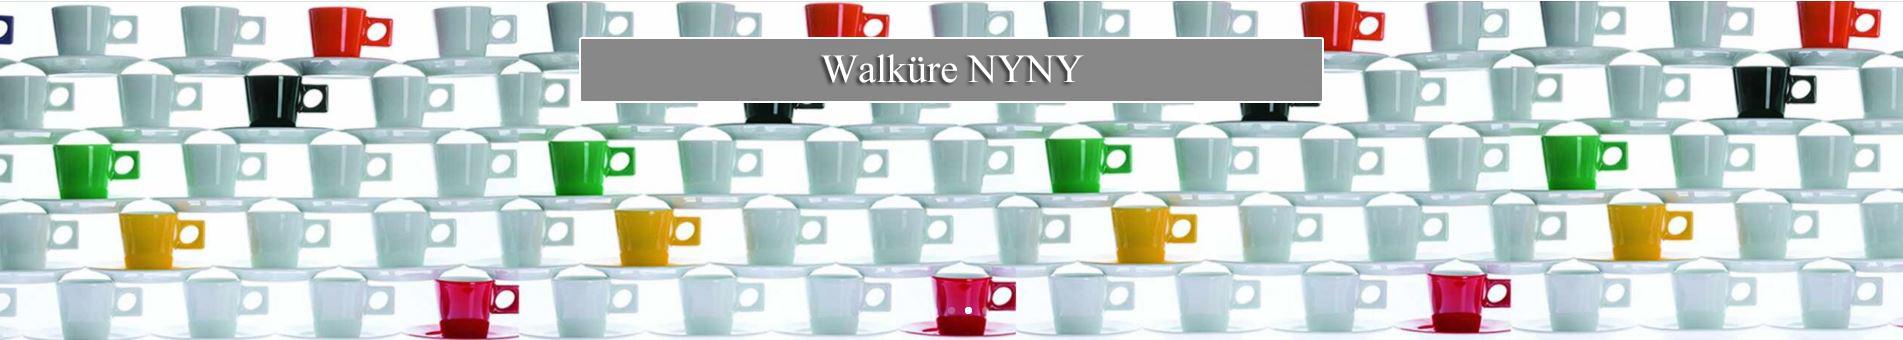 Walkure NYNY